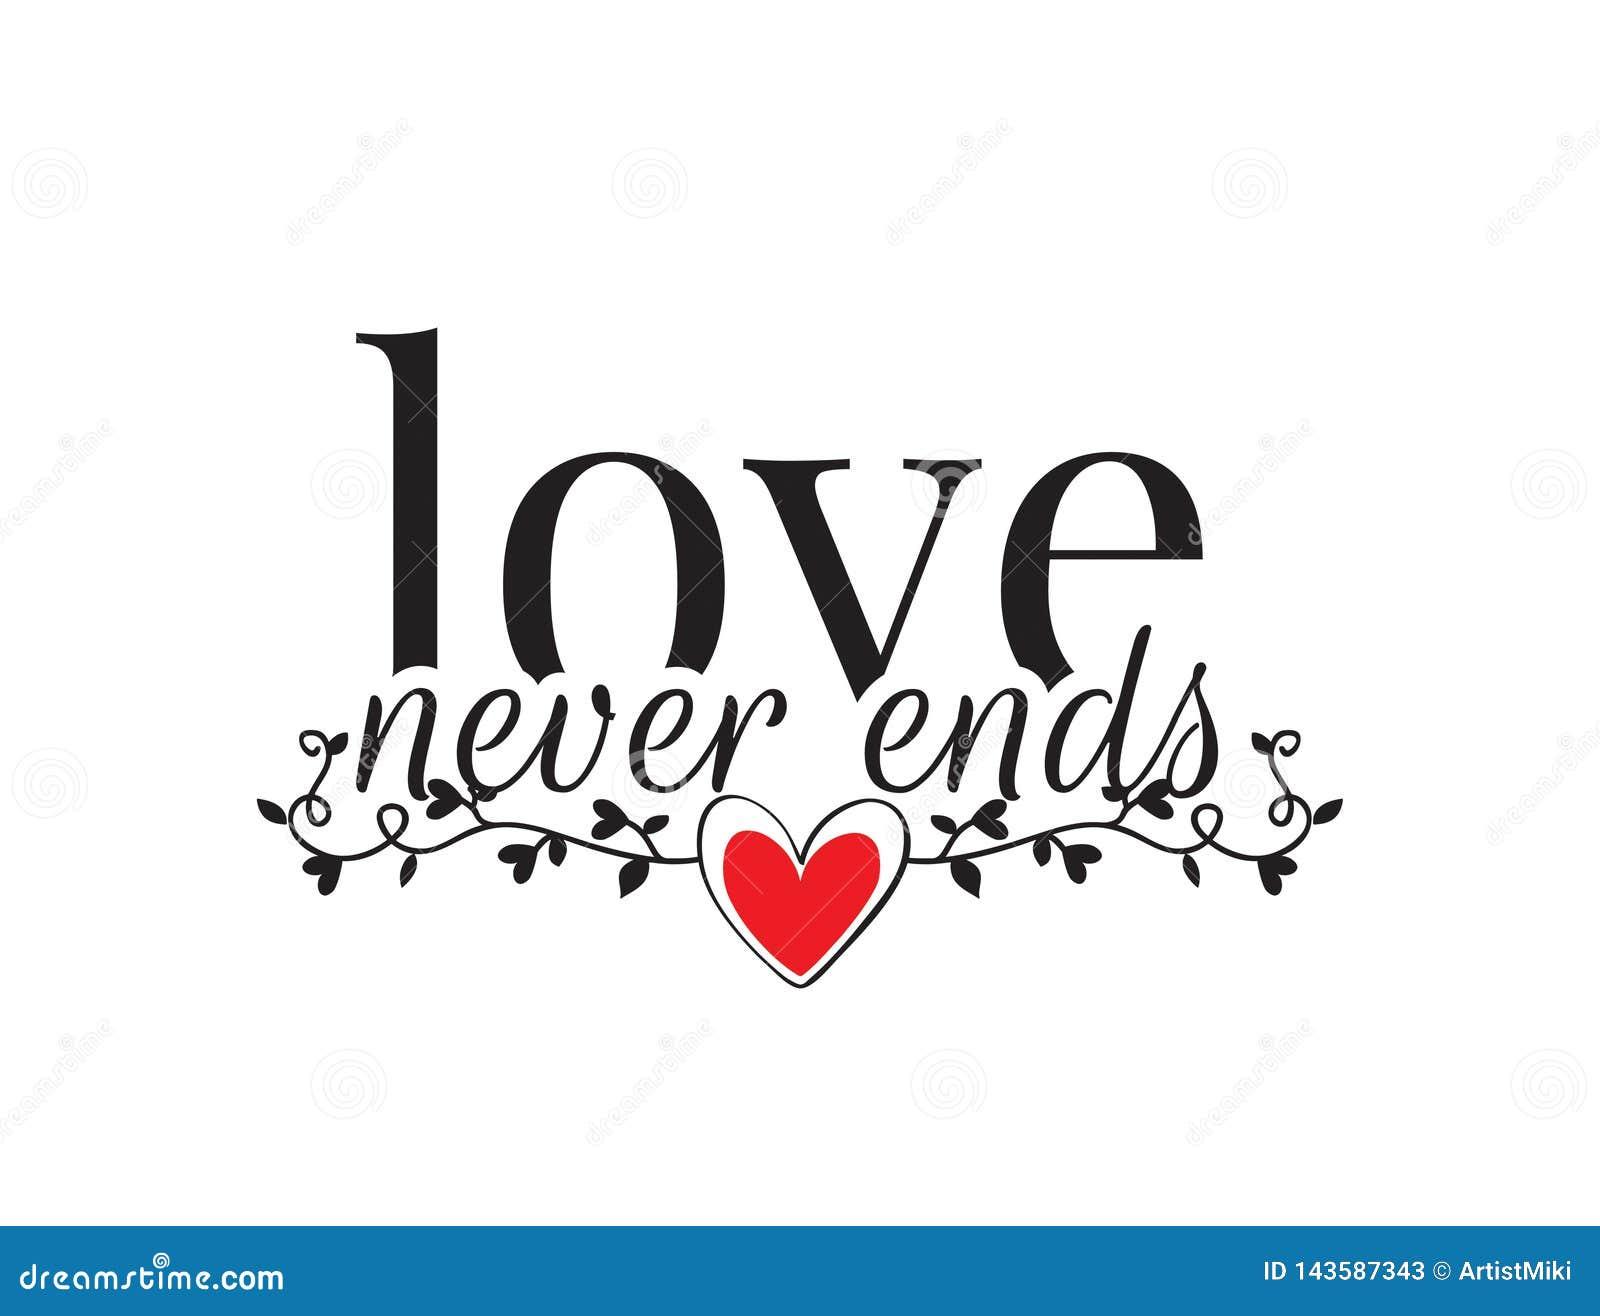 Las etiquetas de la pared, amor nunca terminan, redactando diseño, las citas del amor, el poner letras aislado en el fondo blanco